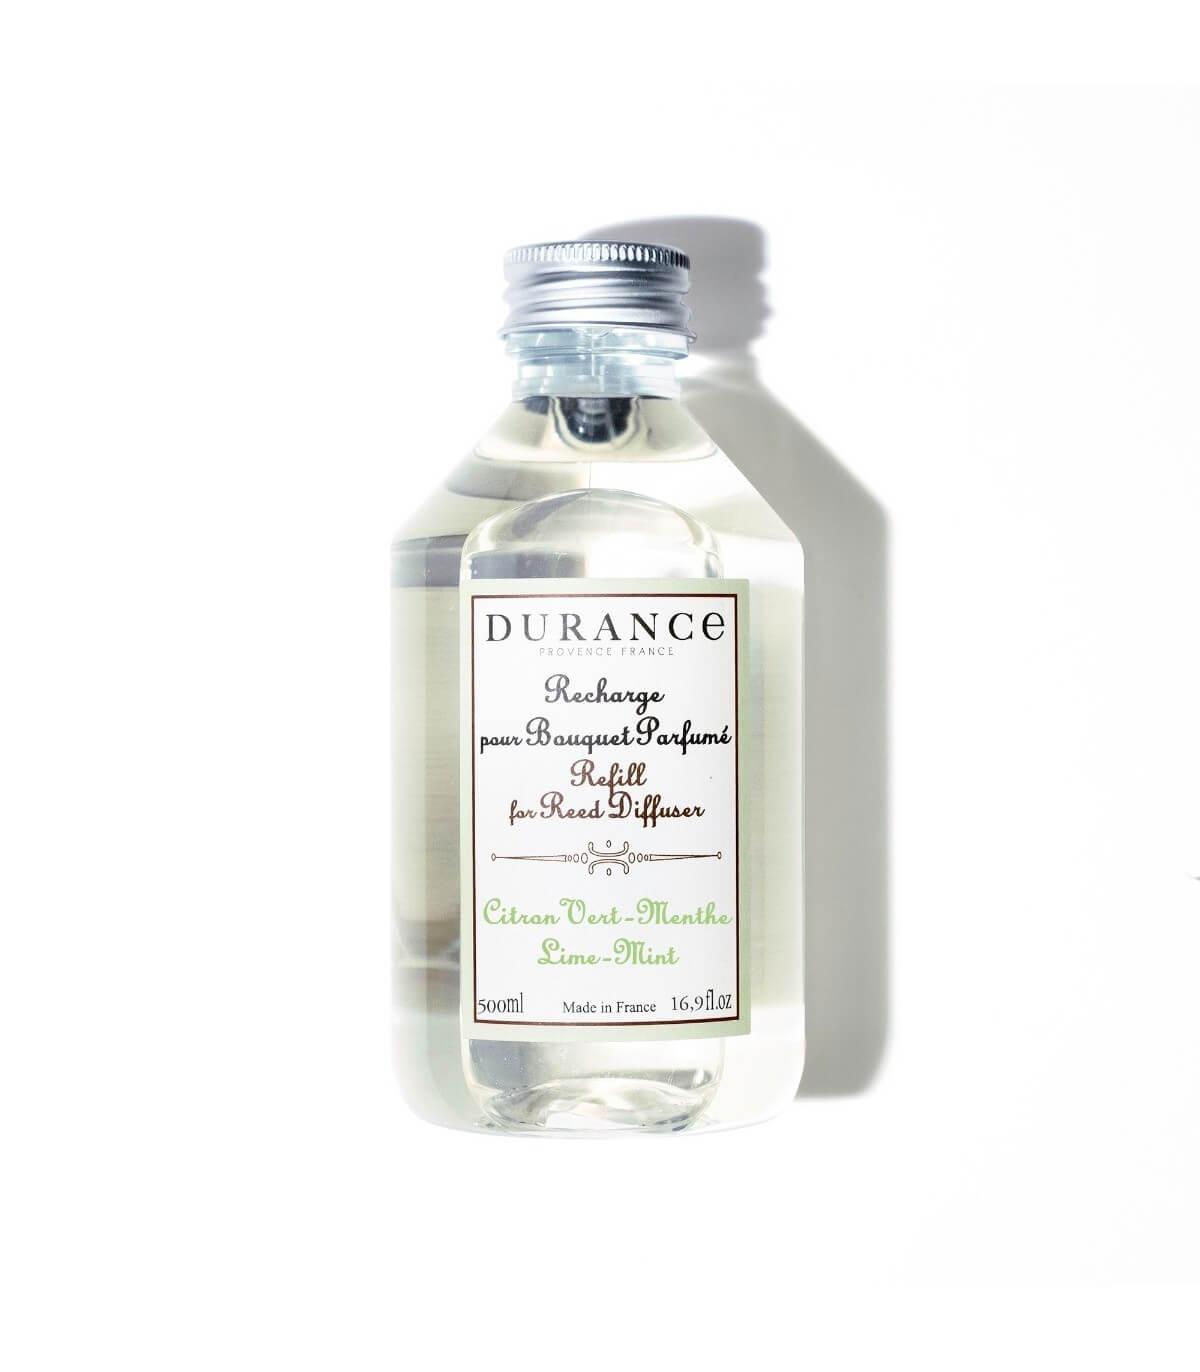 Recharge bouquet parfumé citron vert menthe 500ml